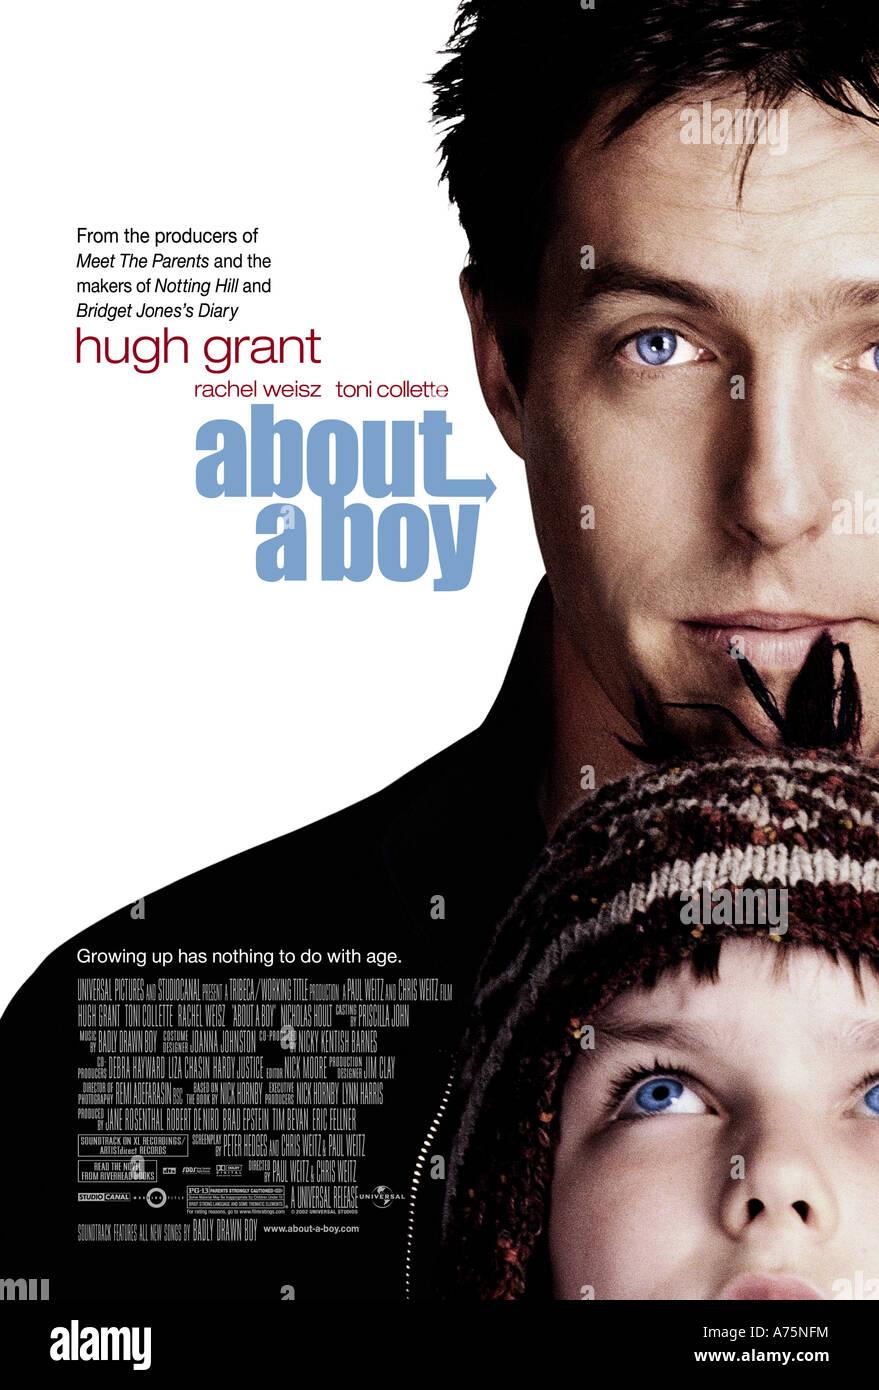 ÜBER A BOY - Plakat für das Jahr 2002 UIP/Universal film mit Hugh Grant (oben) und Nicholas Hoult Stockfoto